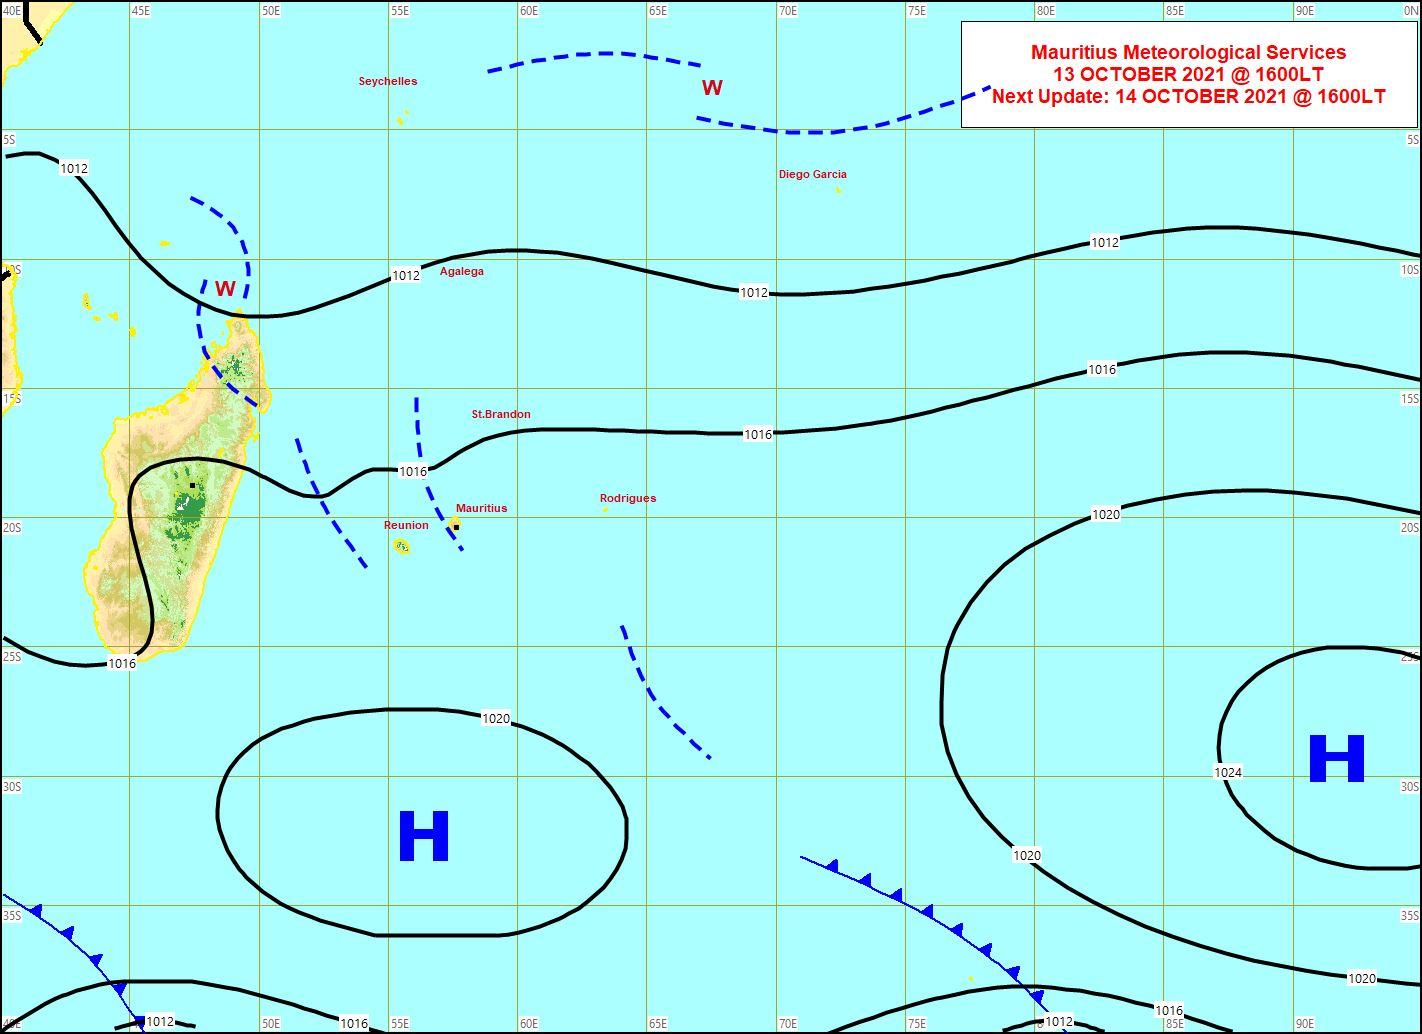 Les vents sont faibles à localement modérés sur les Mascareignes. Les alizés se renforceront Vendredi et Samedi.